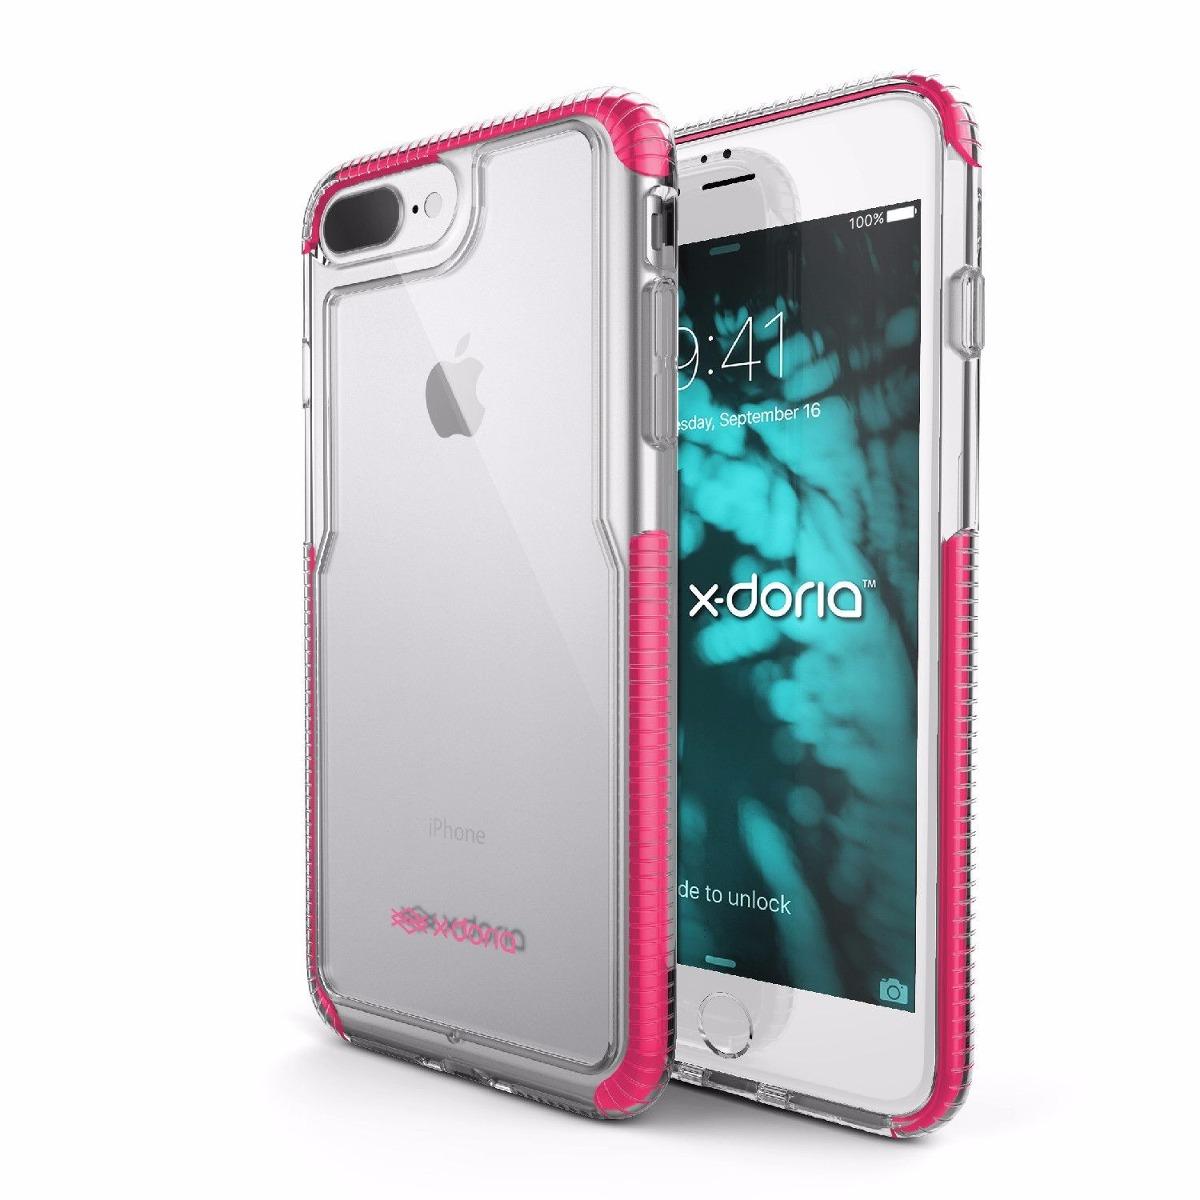 17f794bda capa iphone 7/8 plus x-doria impact pro original americana. Carregando zoom.